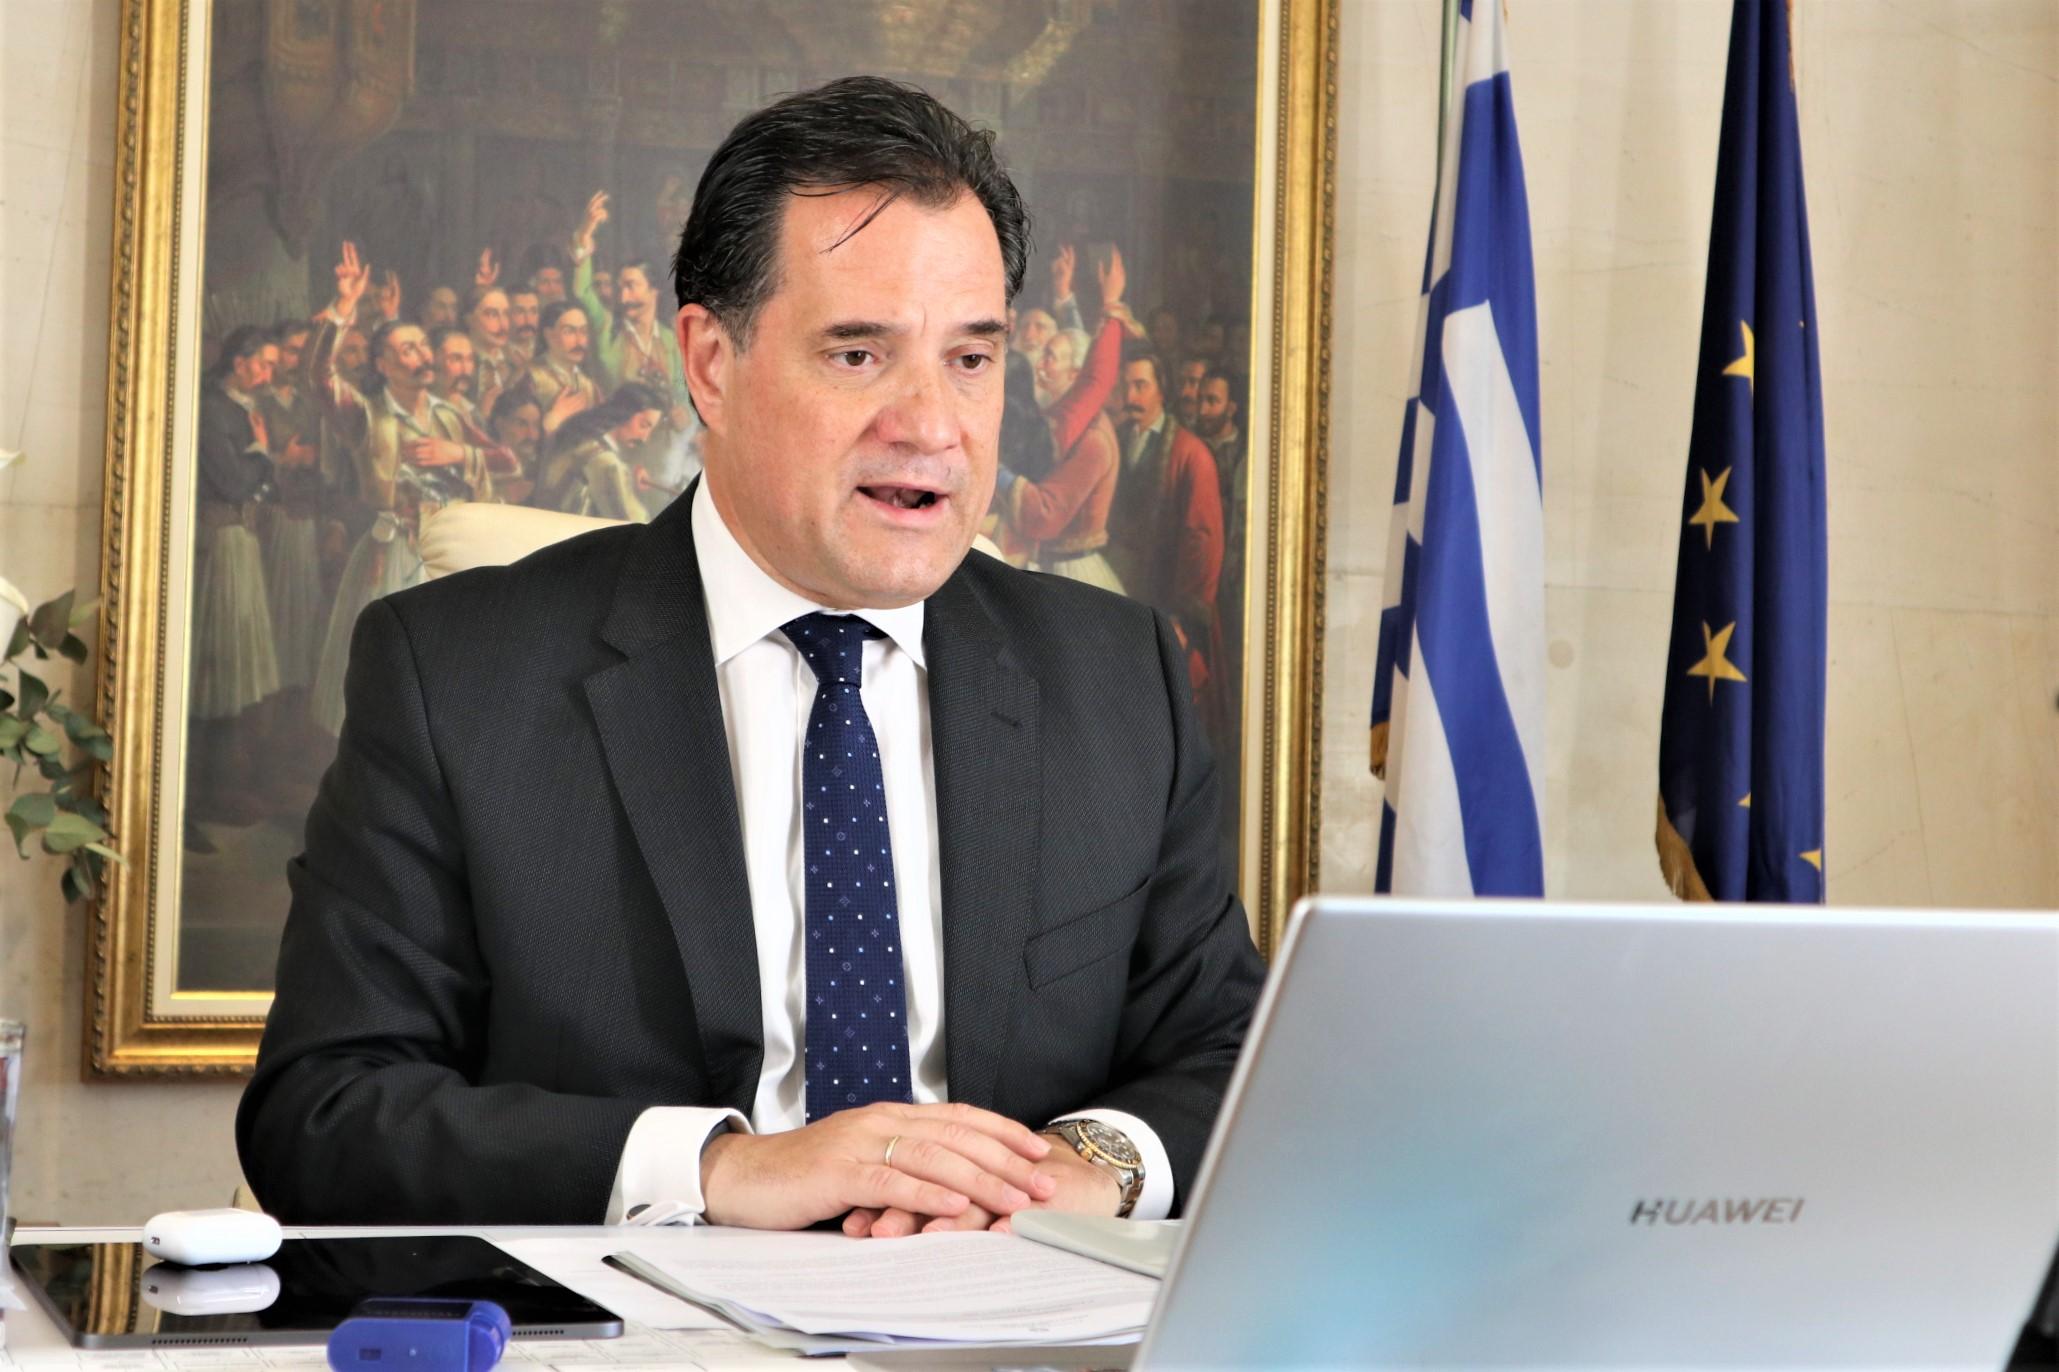 Γεωργιάδης: Συστήνεται Επιτροπή Συντονισμού Βιομηχανικής Πολιτικής